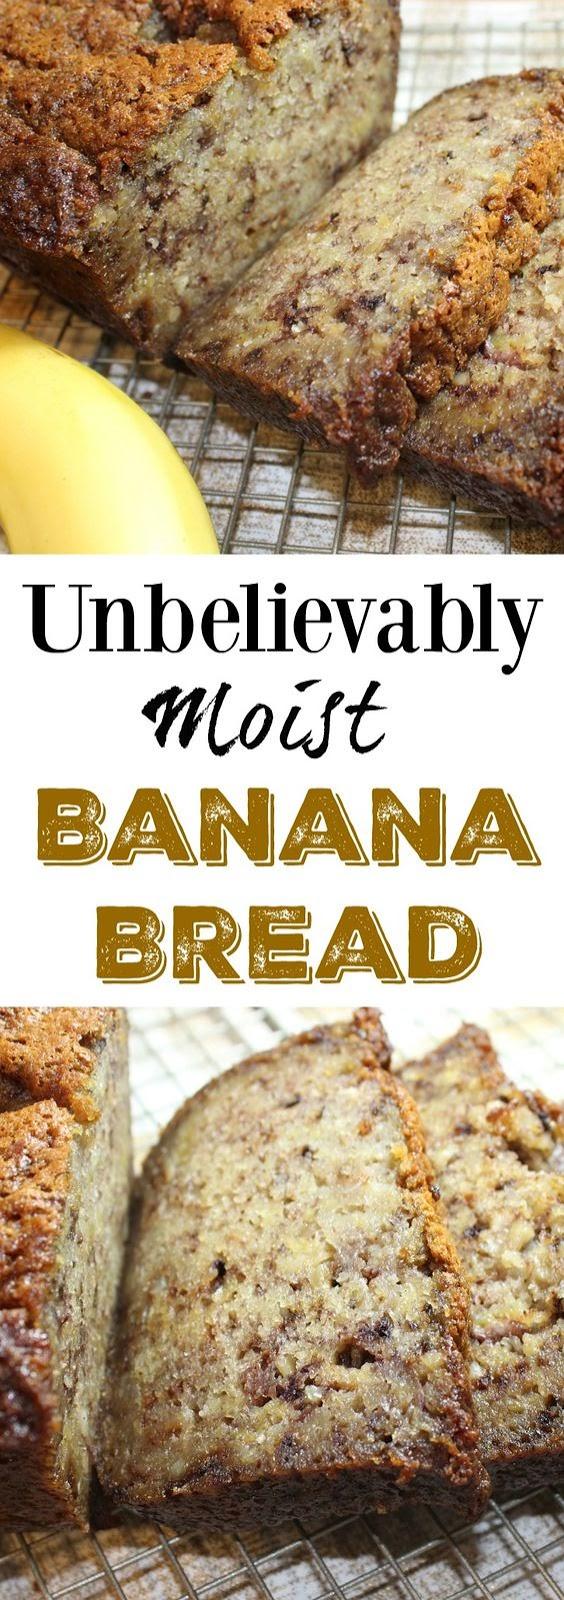 Unbelievably Moist Banana Bread for Dessert